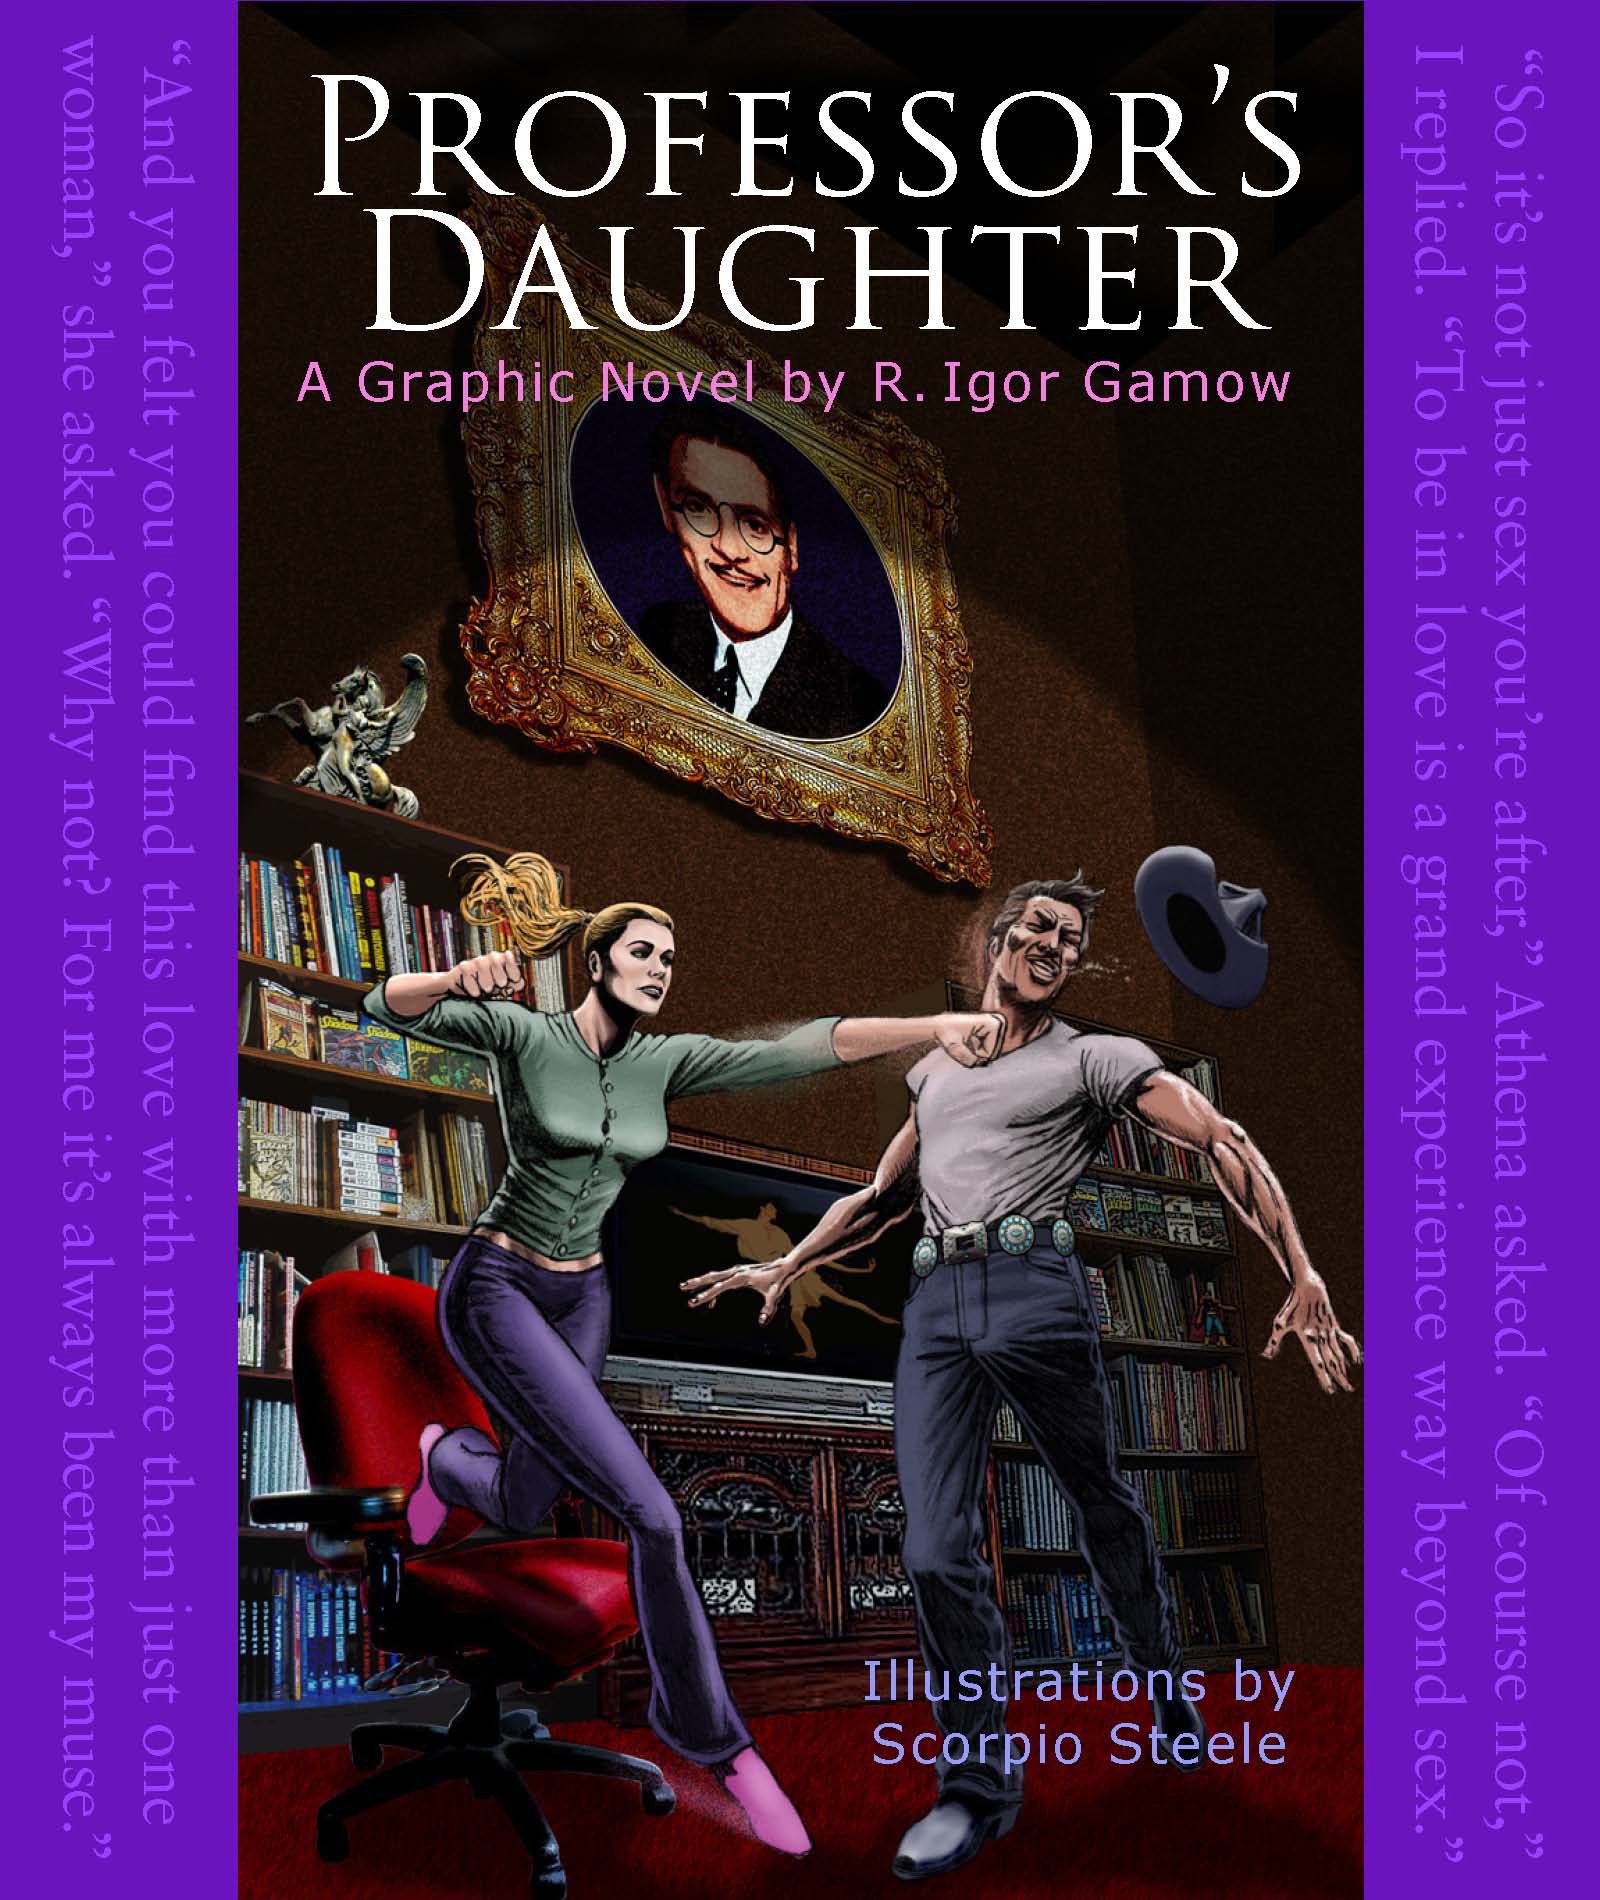 Professors Daughter.jpg